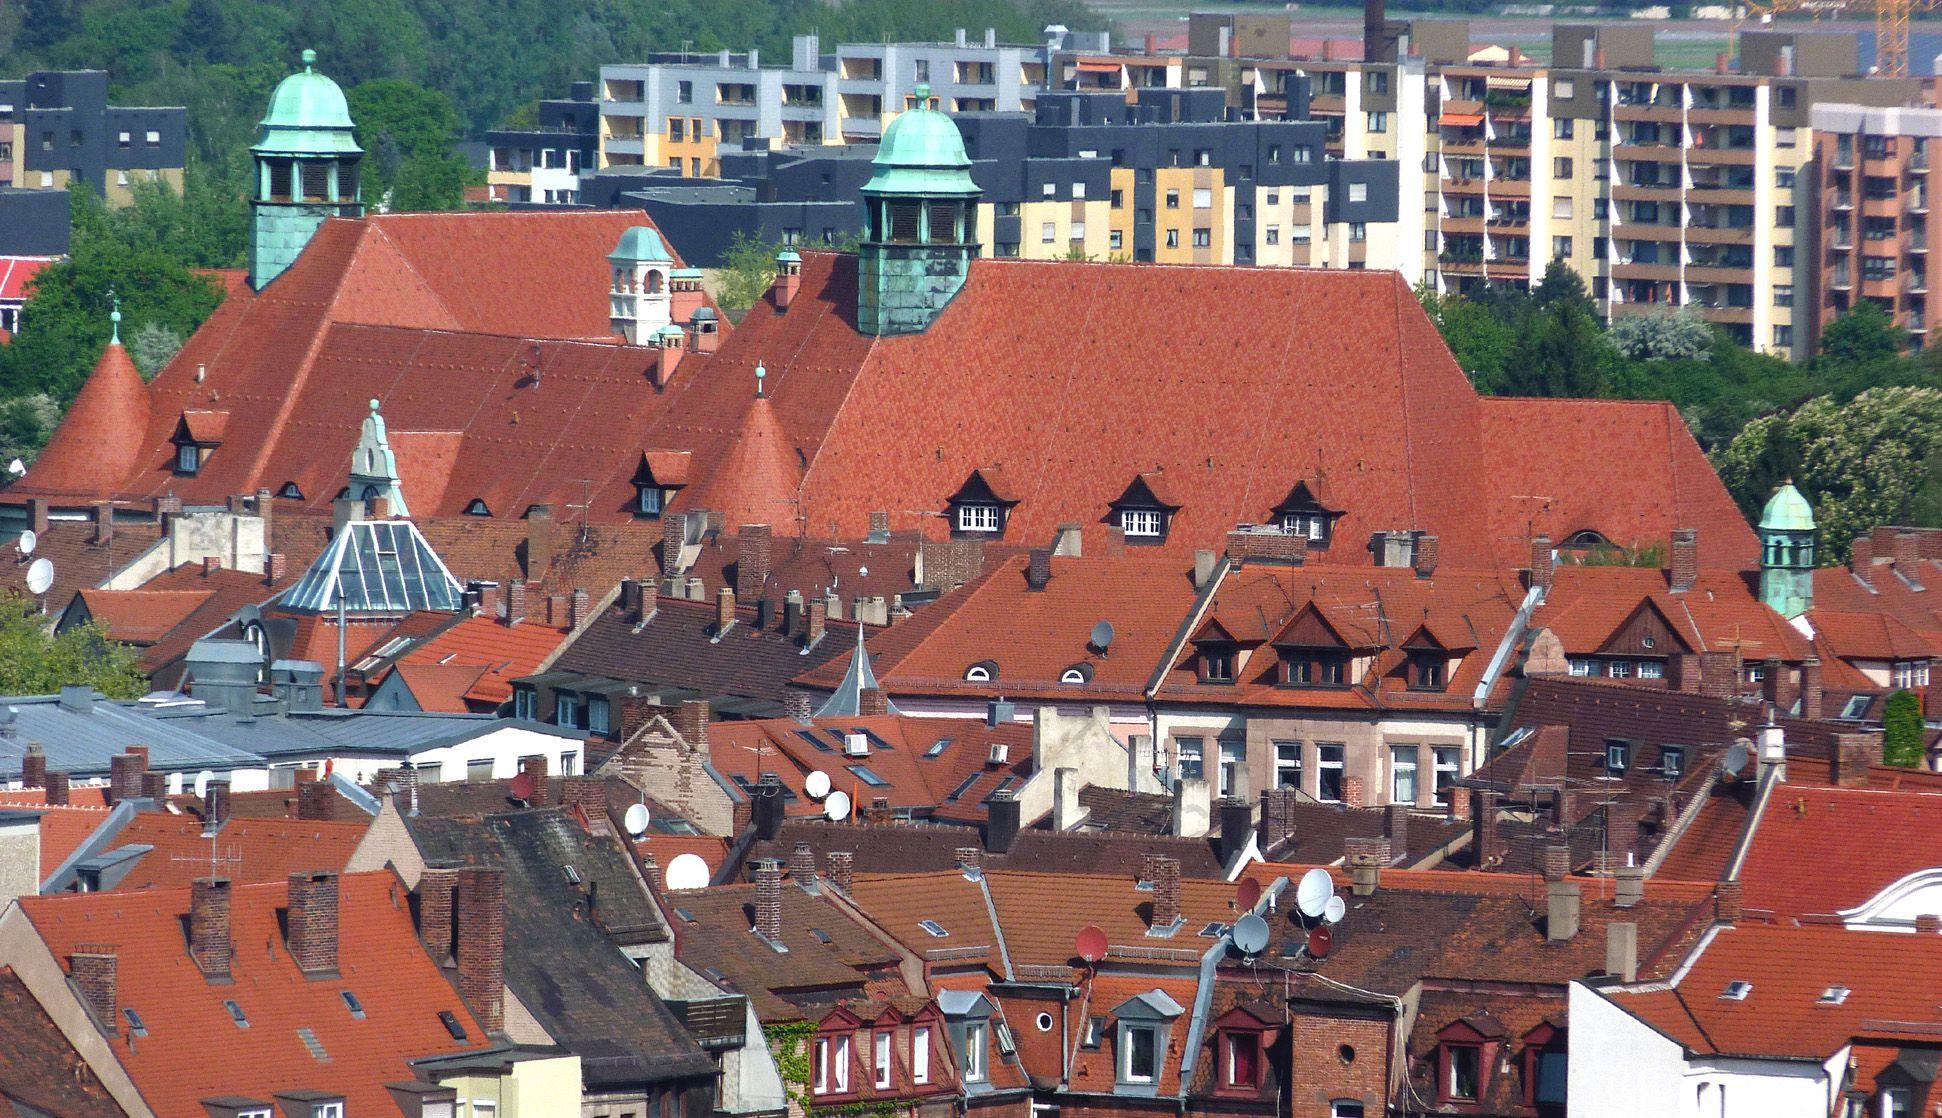 Peter-Vischer-School Roof situation